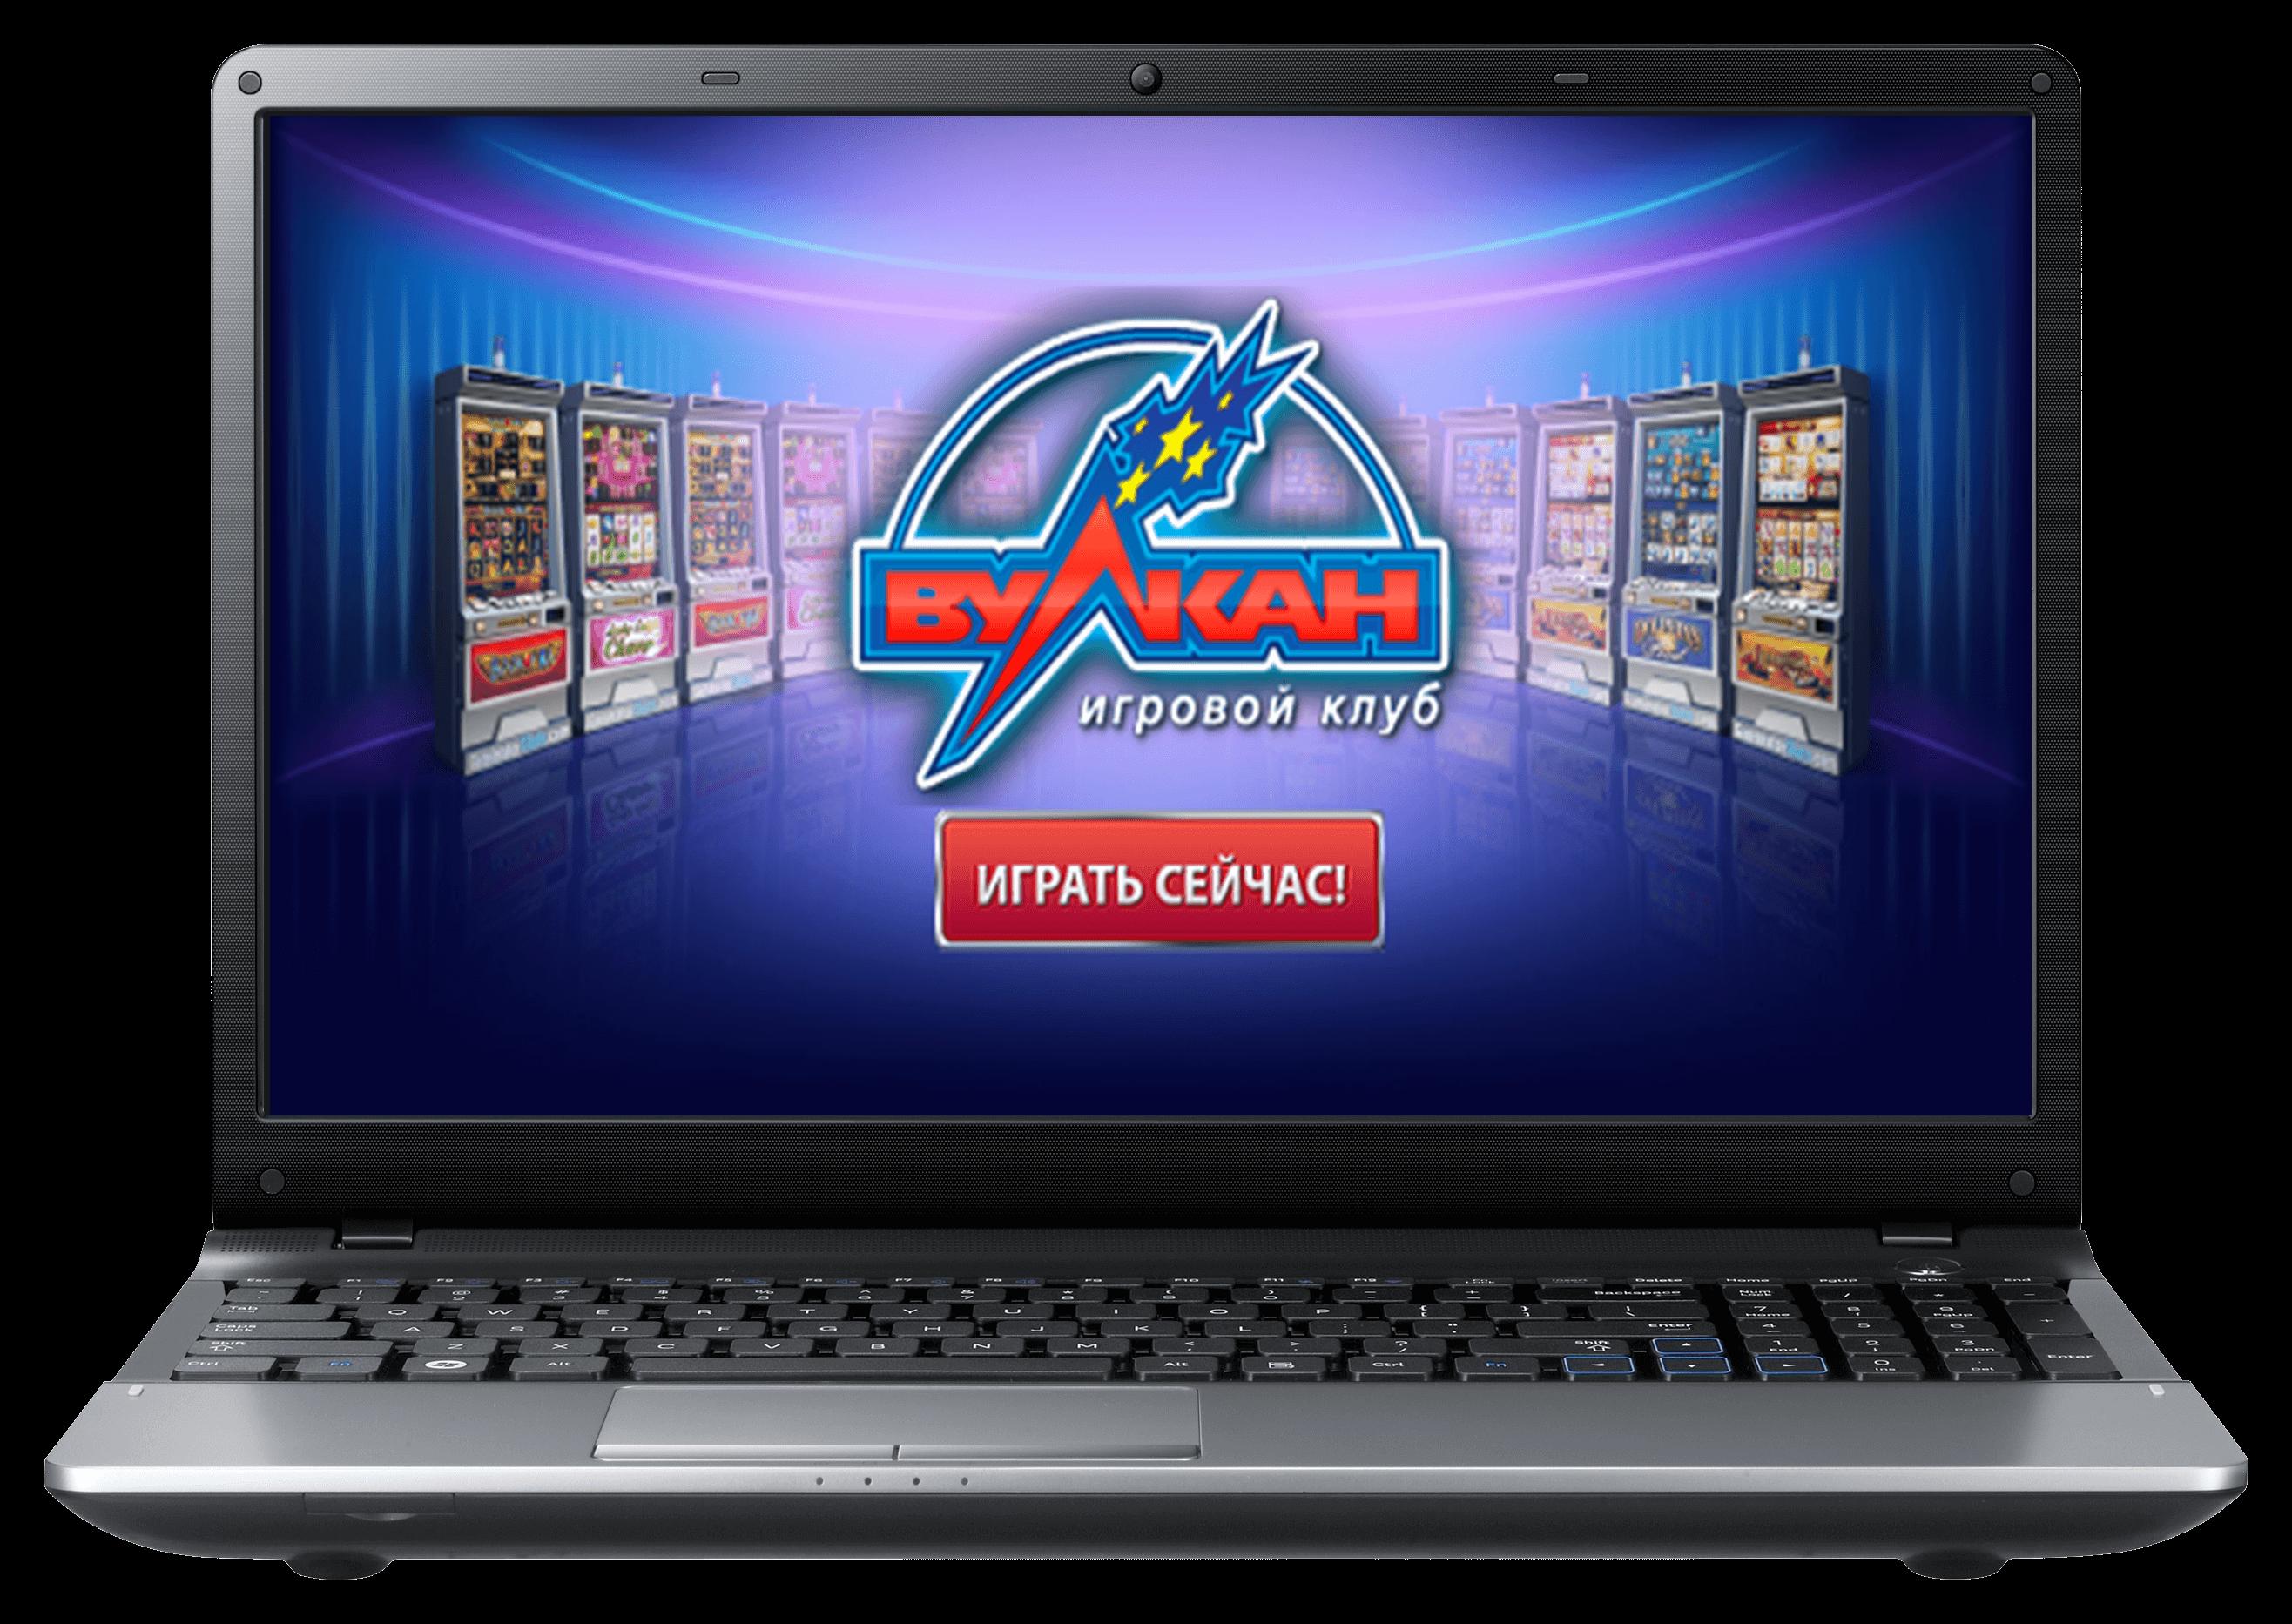 Игровые автоматы онлайн играть бесплатно и без регистрации и смс